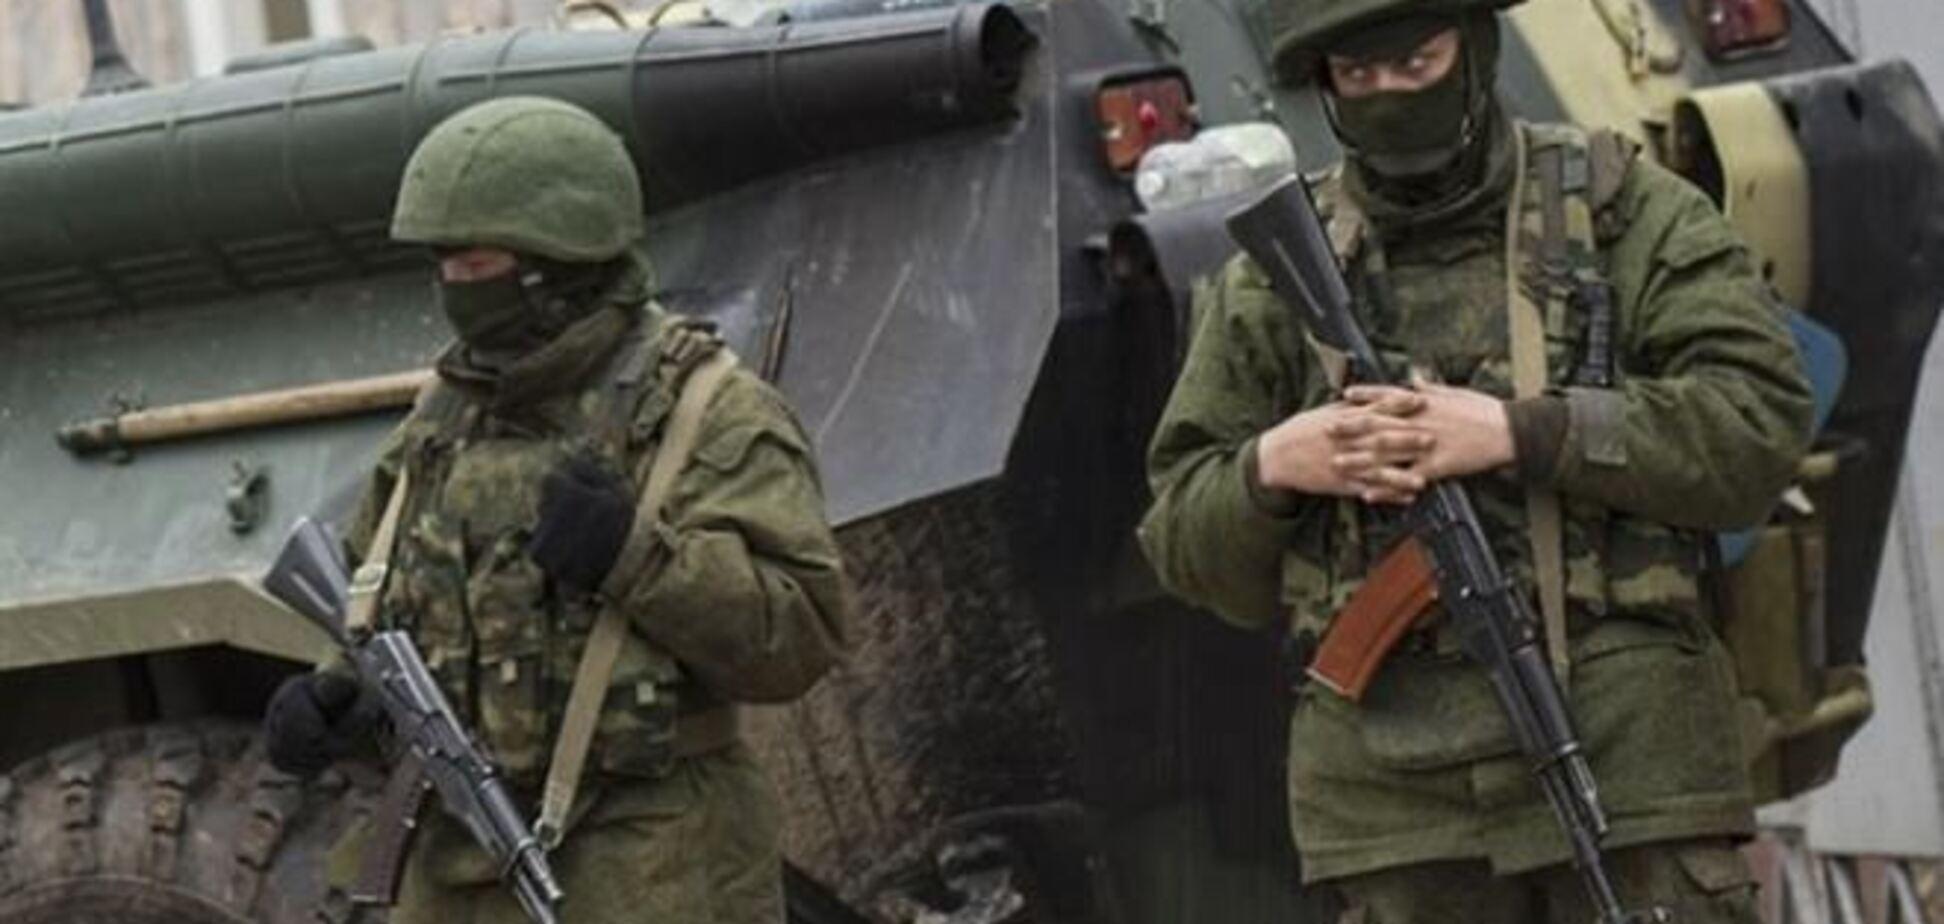 Коломойский даст Донецку по $200 тыс. за каждое освобожденное здание